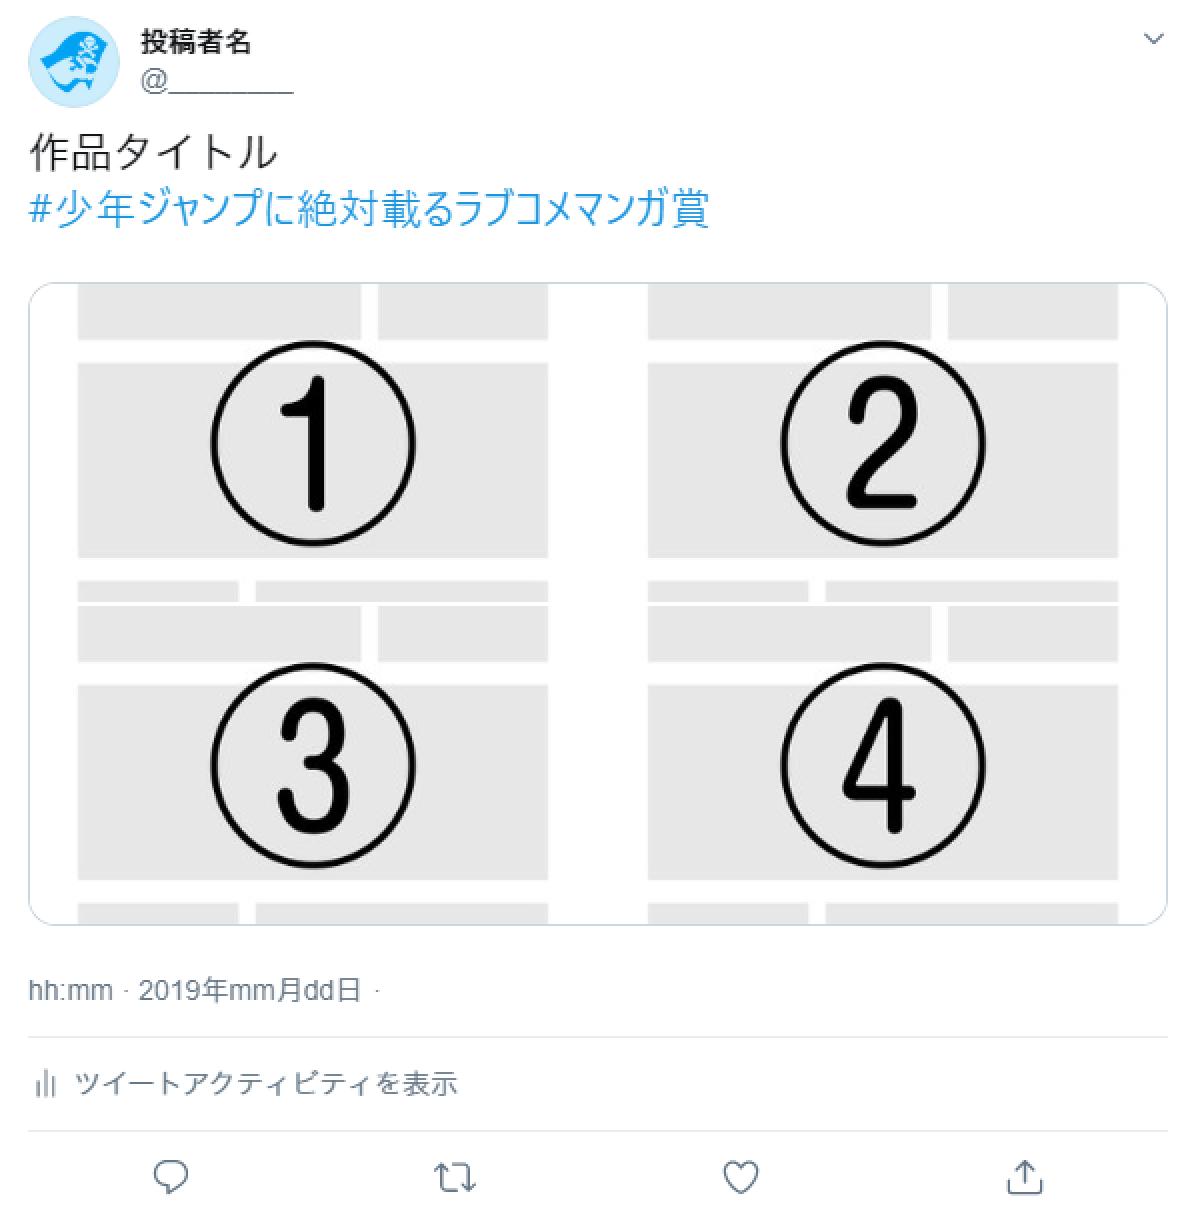 Twitter投稿サンプル画像